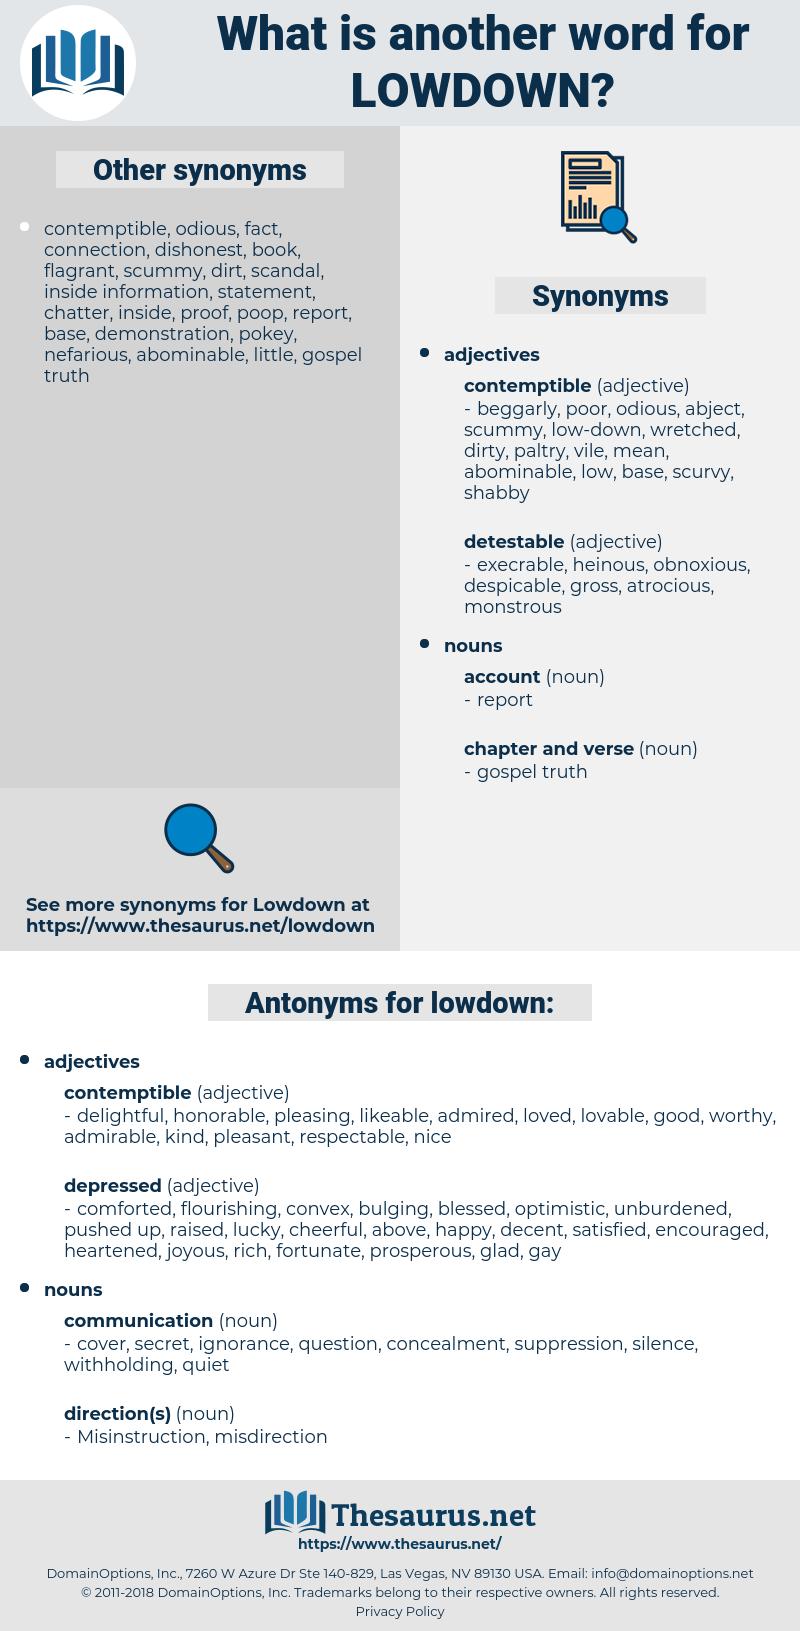 lowdown, synonym lowdown, another word for lowdown, words like lowdown, thesaurus lowdown